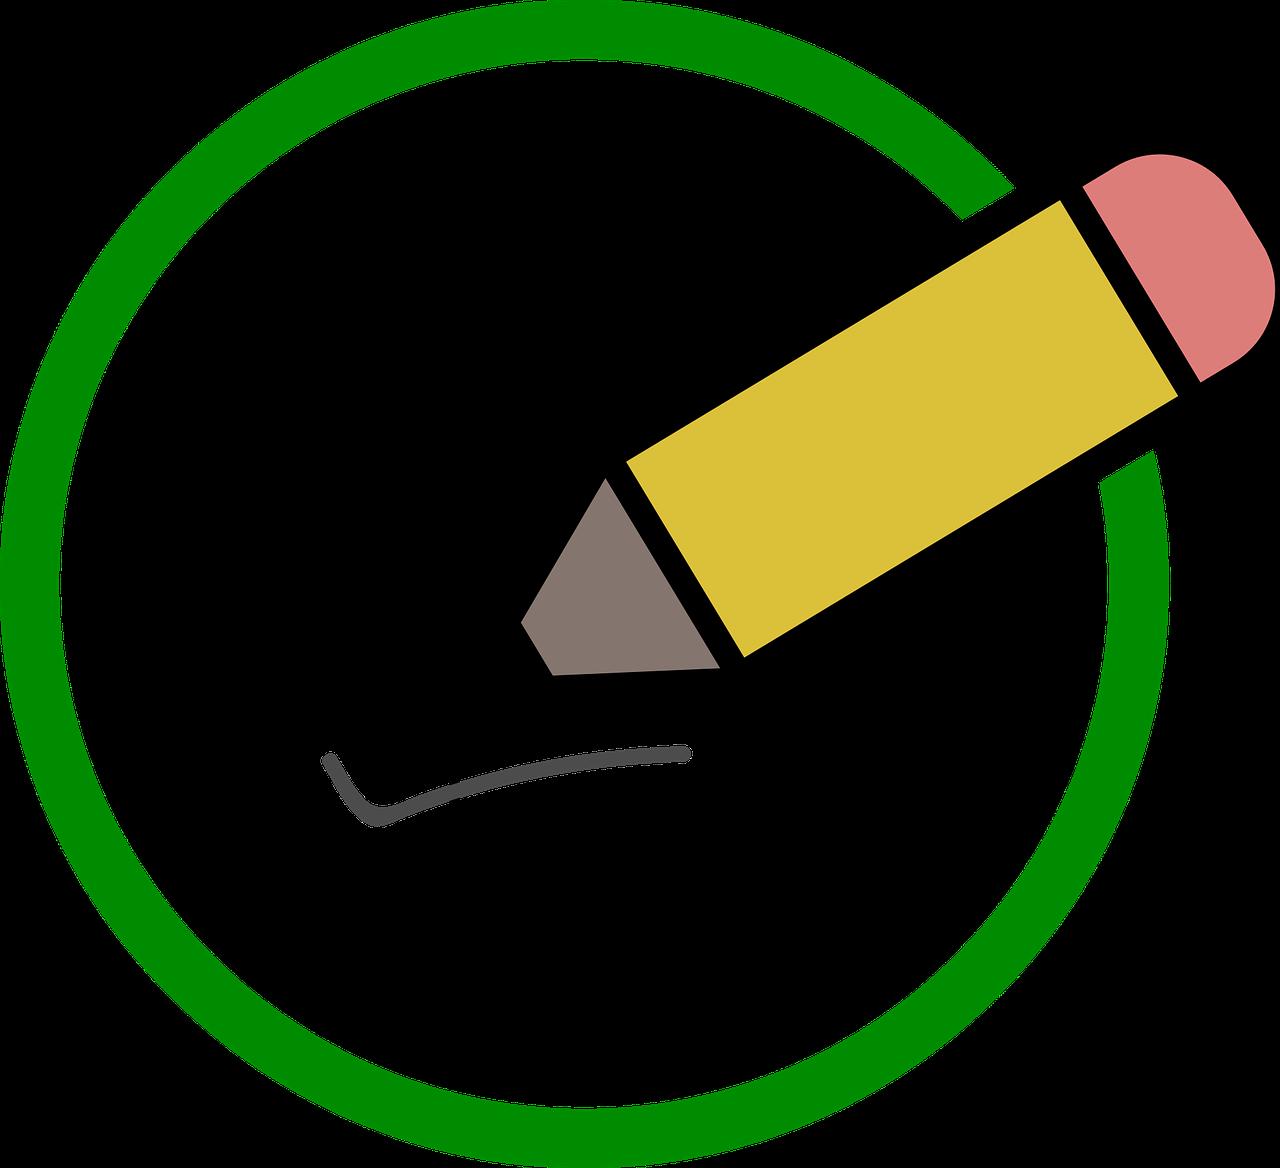 Enquête Poll Potlood - Gratis vectorafbeelding op Pixabay